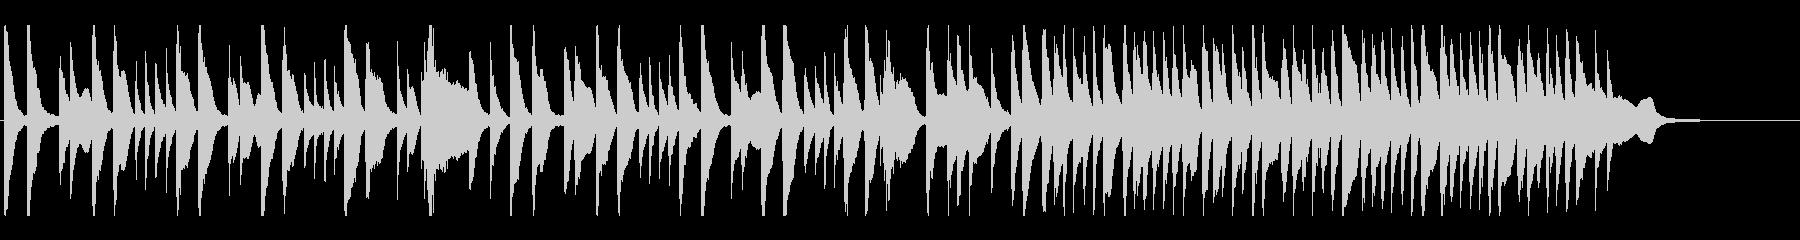 鳩の鳴き声BGMの未再生の波形